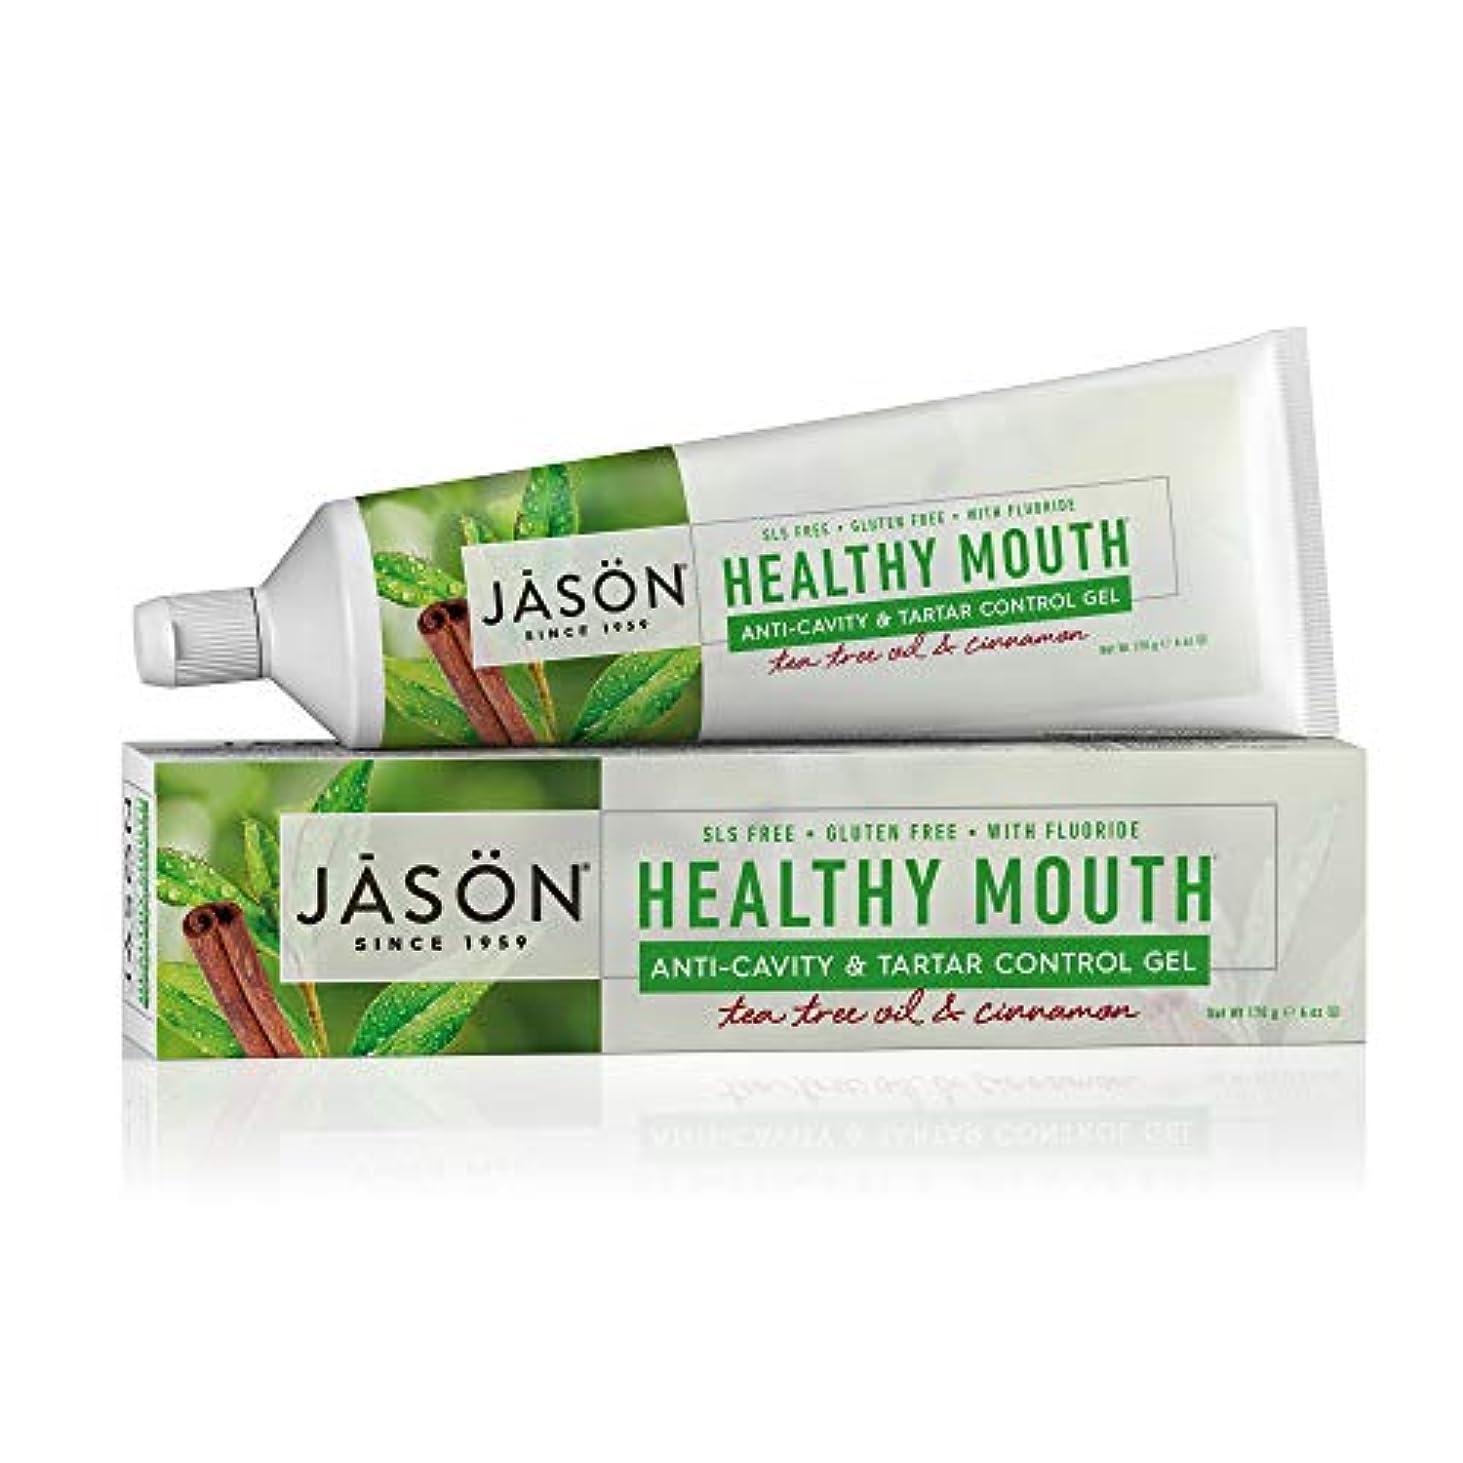 質素なしなやか動揺させるJason 健康な口抗歯垢&タルタルコントロールハミガキティーツリーオイル&シナモン、6オンス